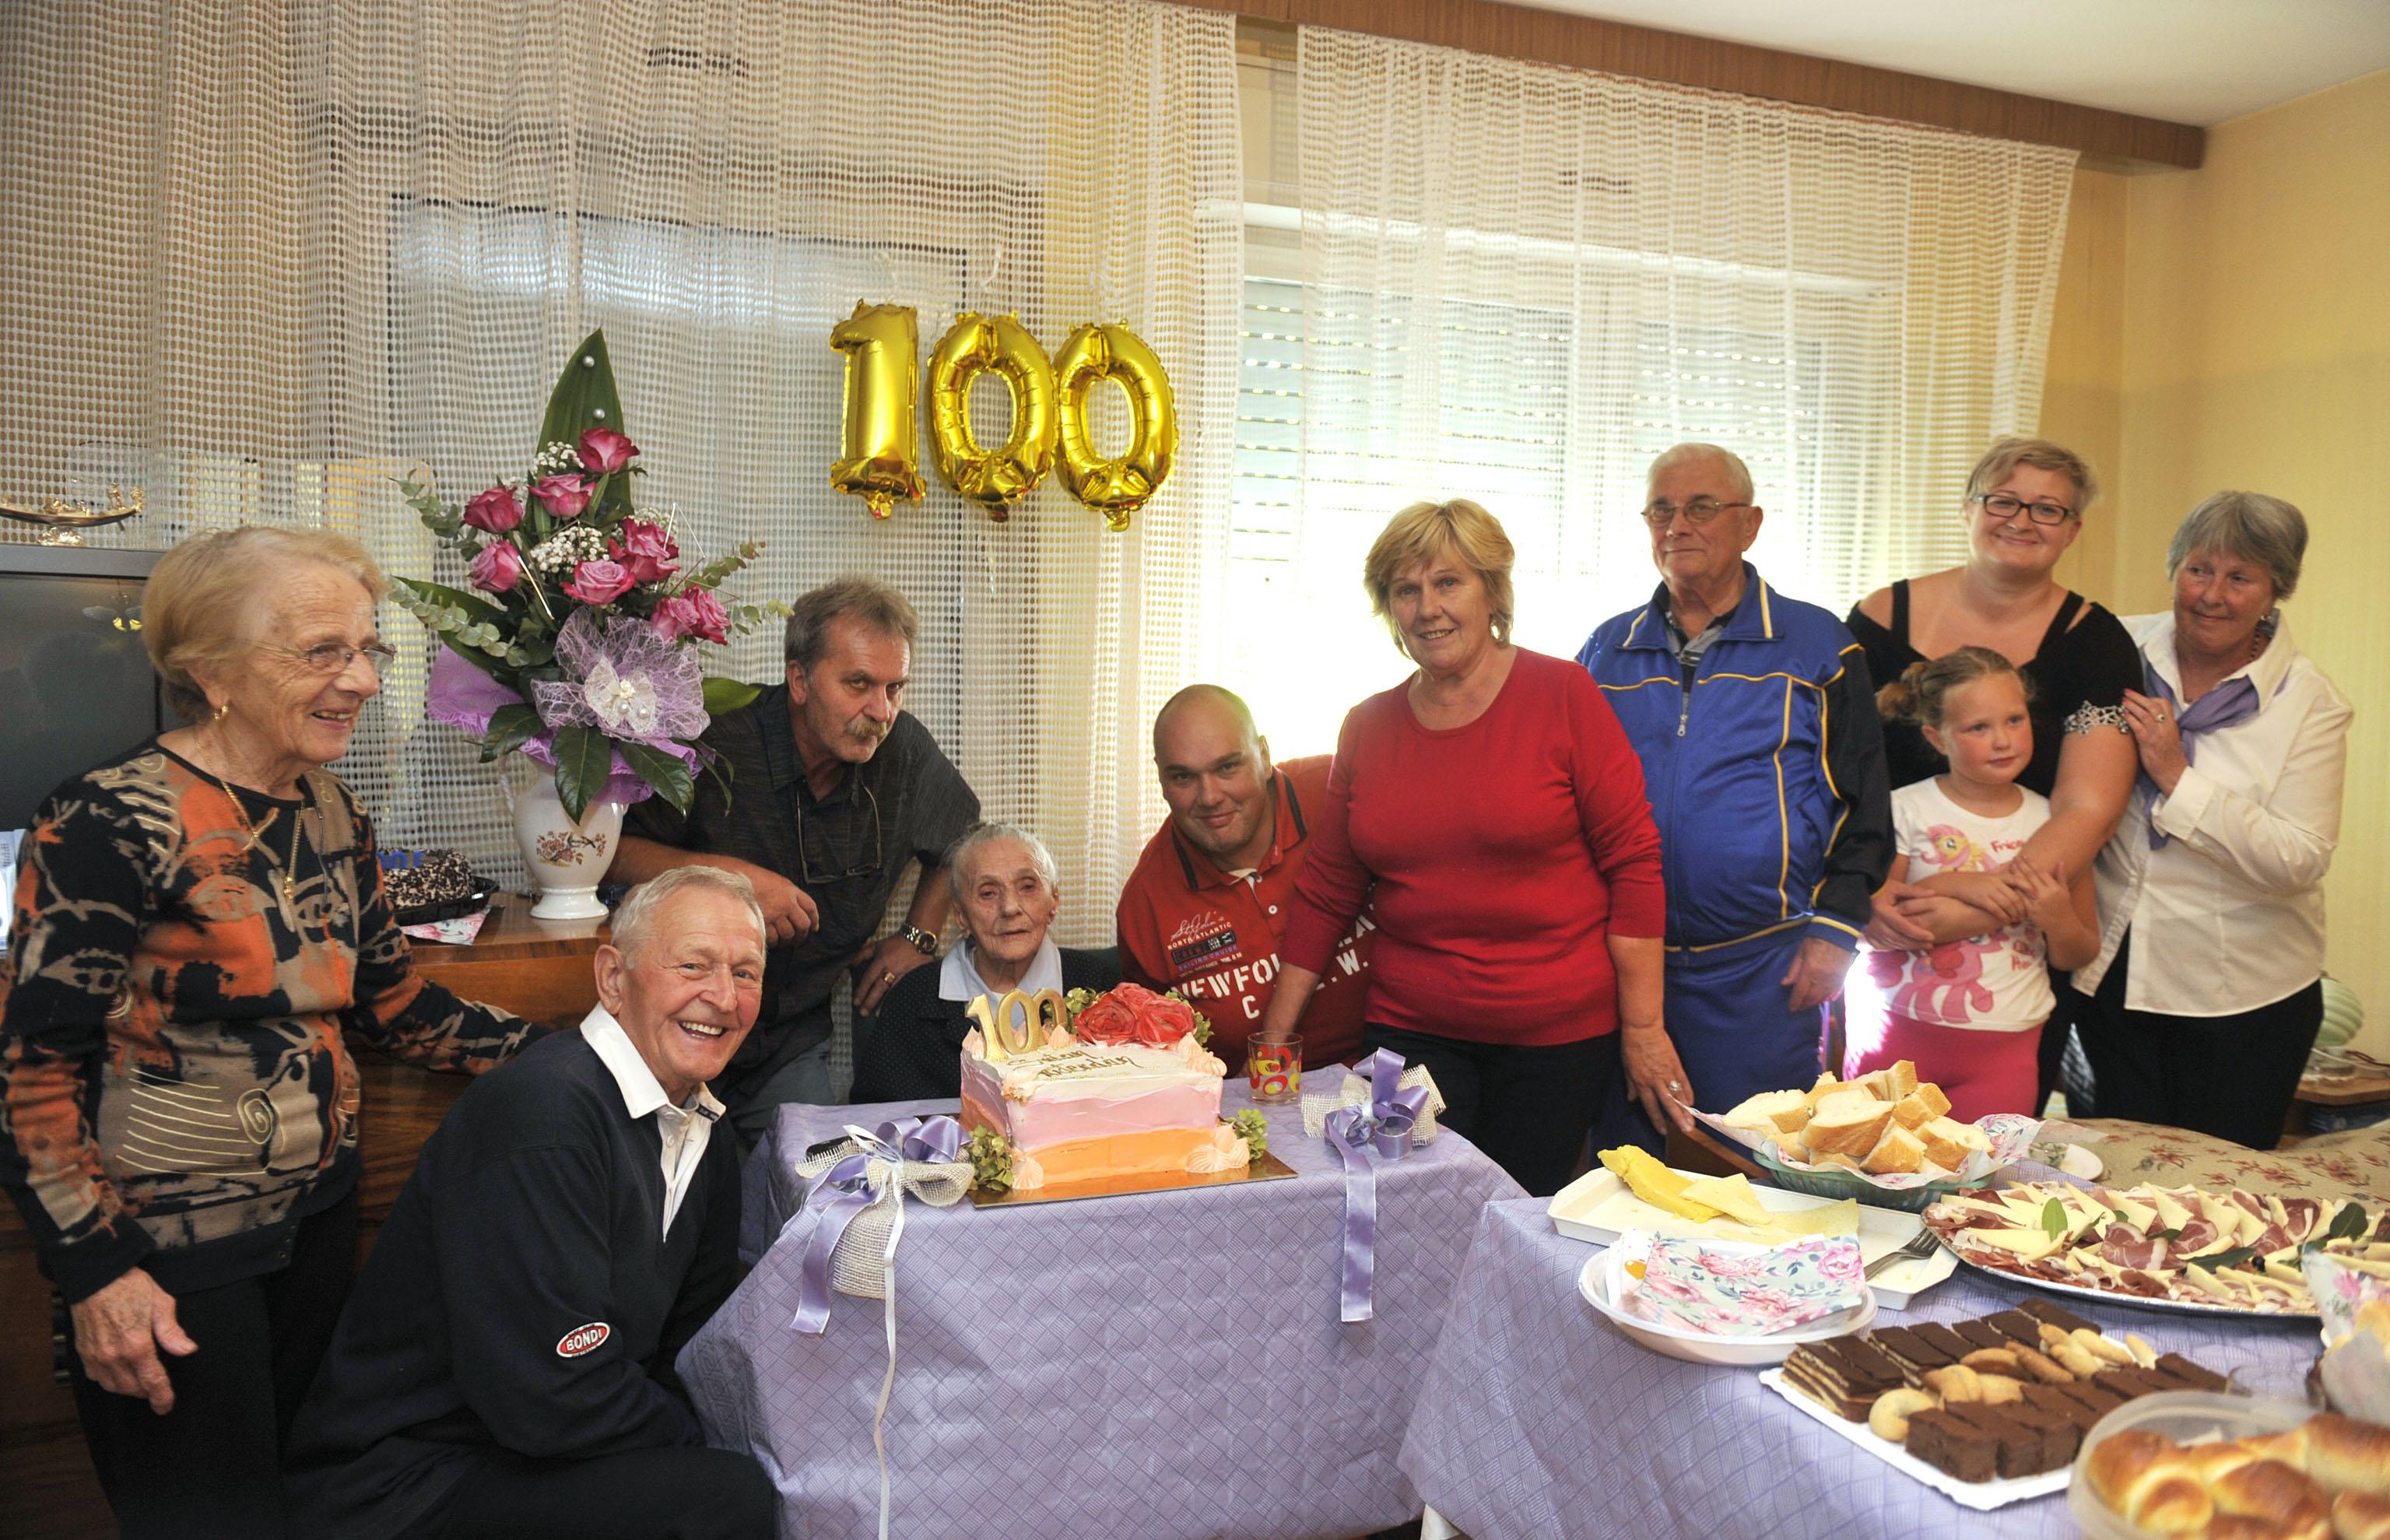 Nada Žmarić slavi stoti rođendan u društvu rodbine i susjeda / Snimio Vedran KARUZA